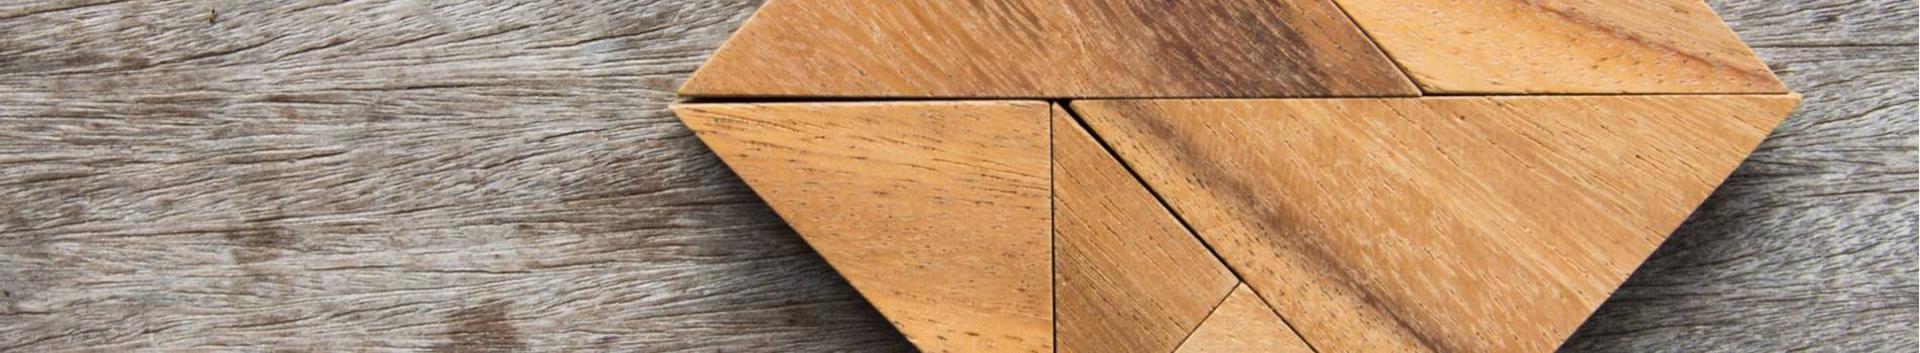 46131_puidu-ja-ehitusmaterjalide-vahendamine_16828387_xl.jpg